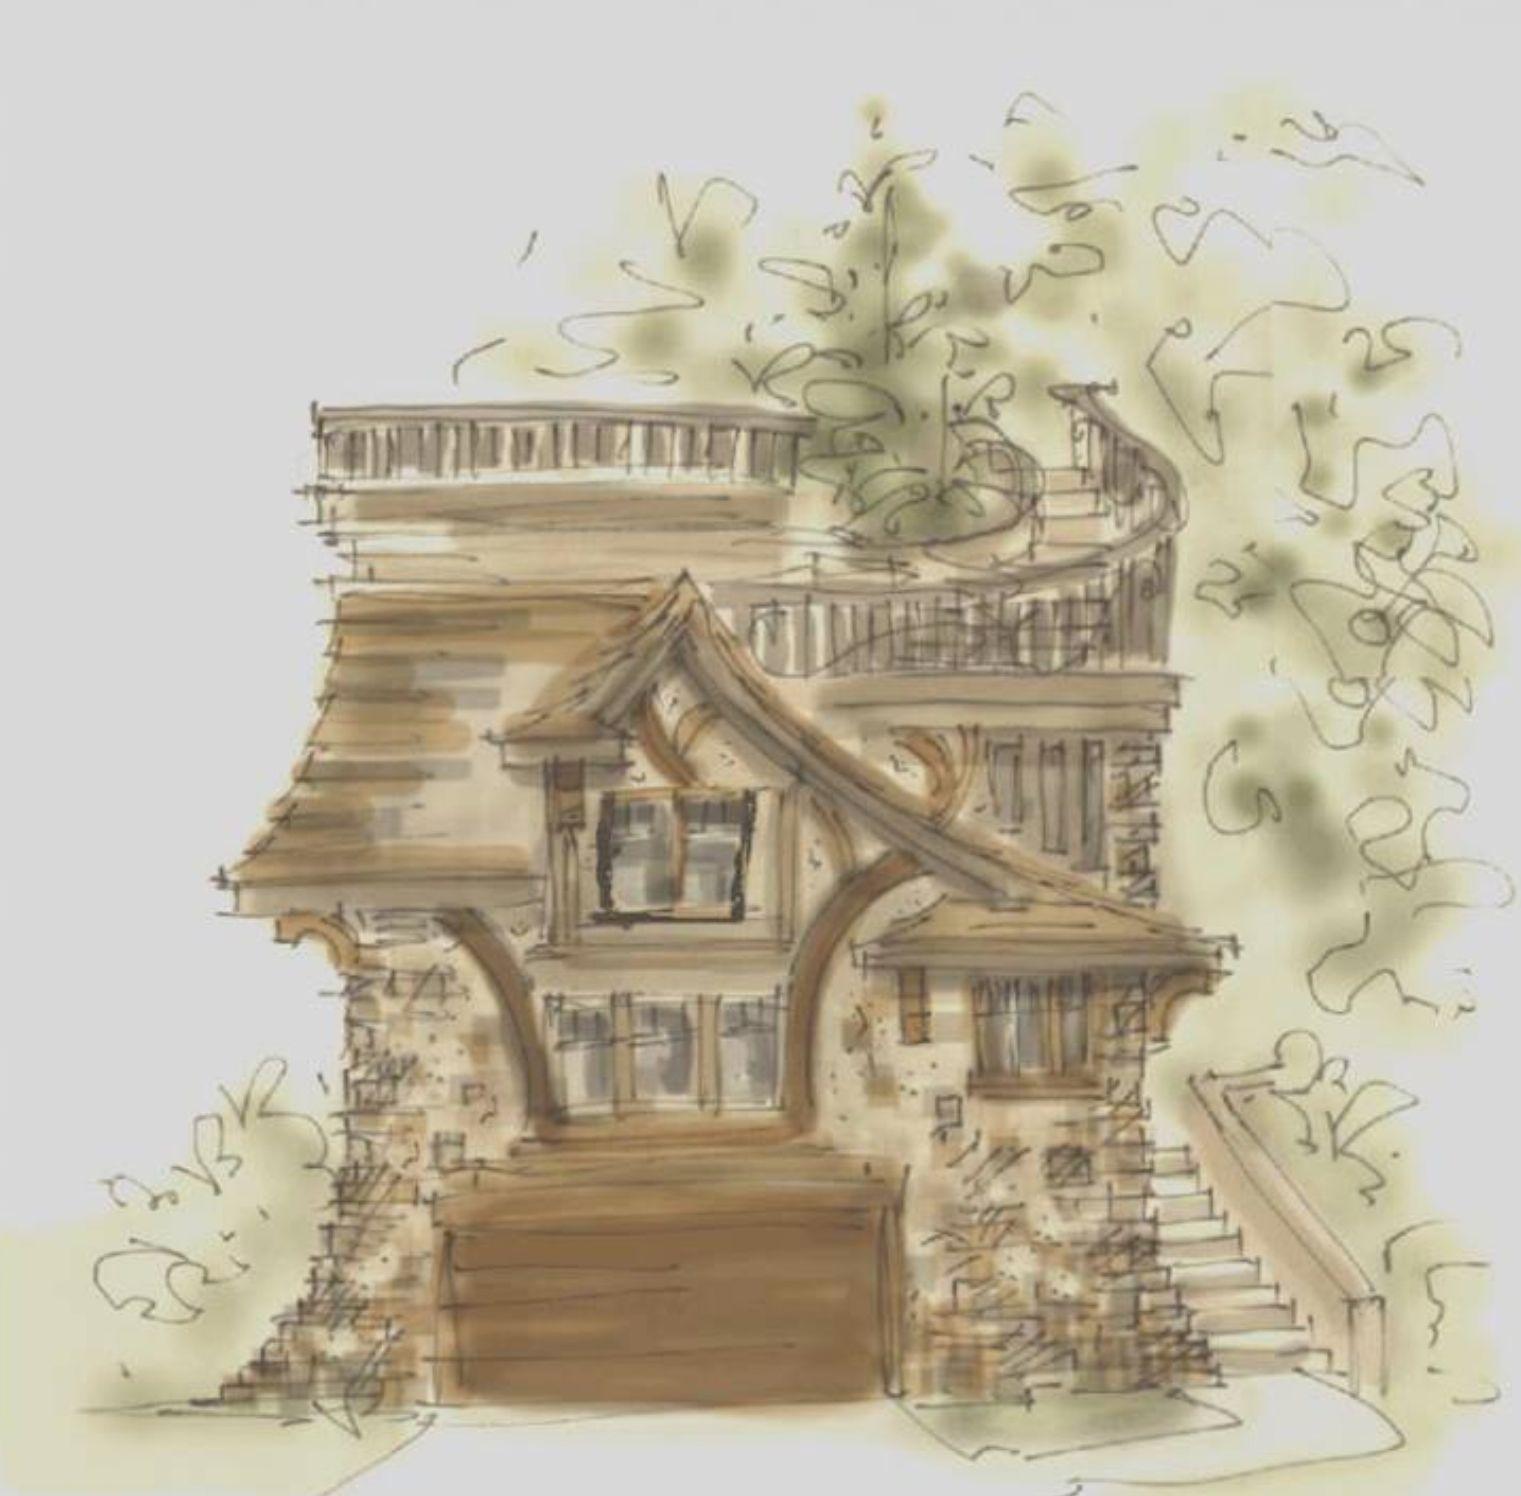 Hobbit house plan Unique house plans exclusive collection